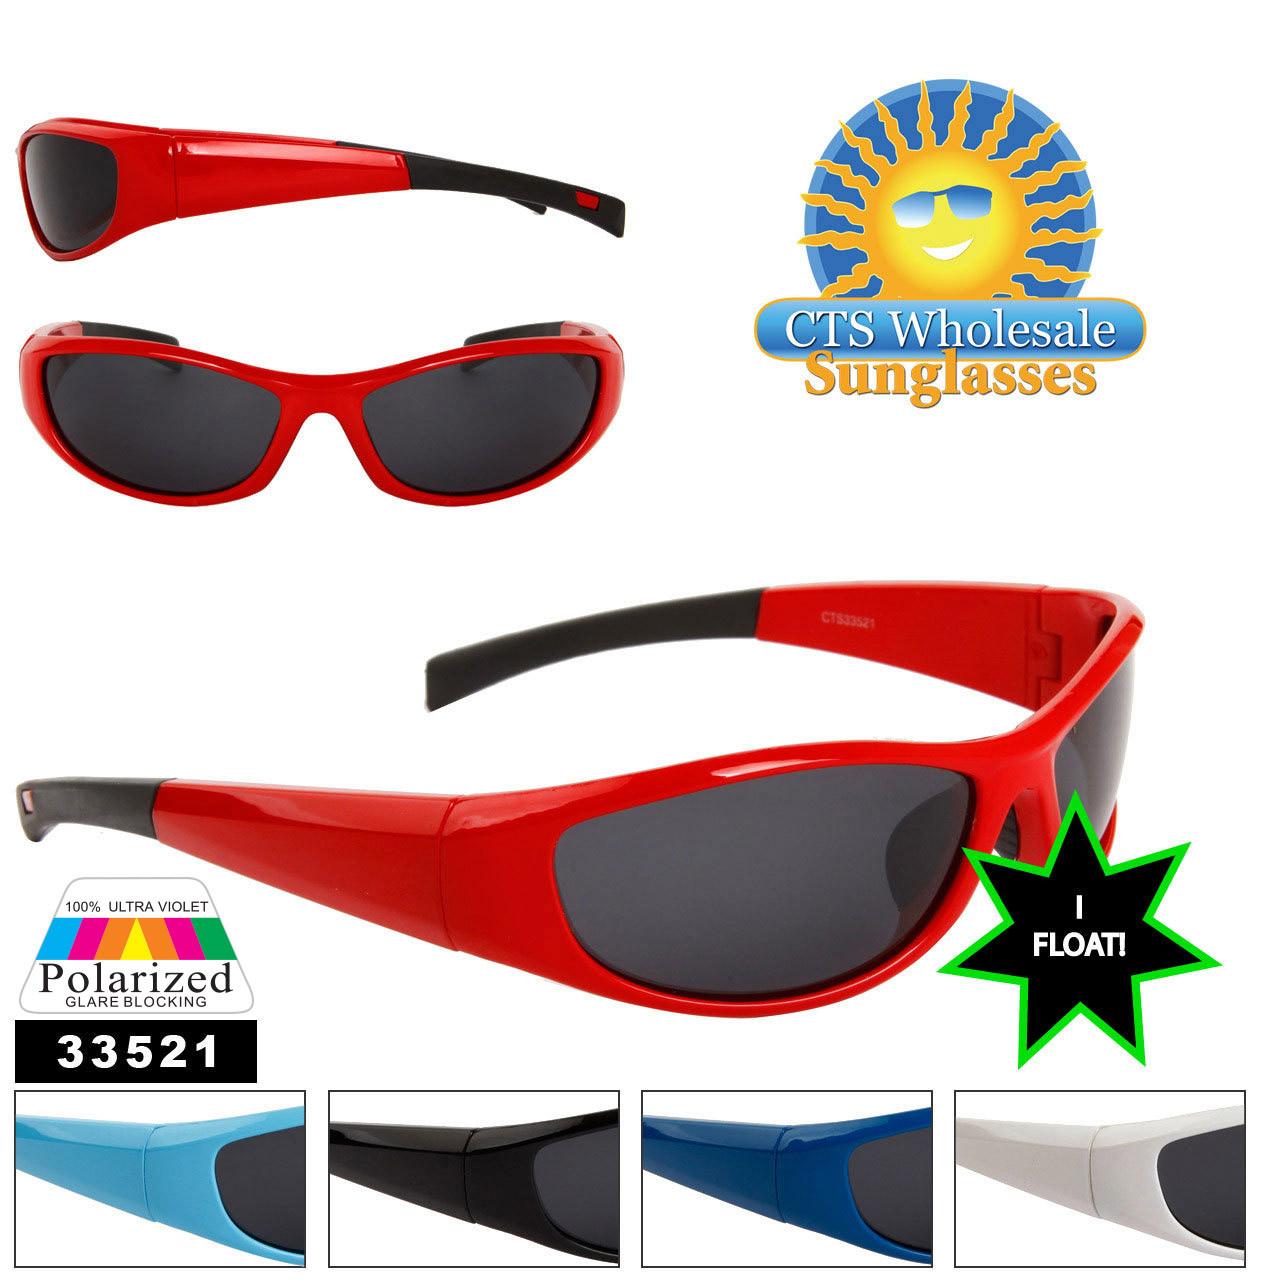 Floating Polarized Sunglasses   Polarized Fishing Sunglasses   CTS